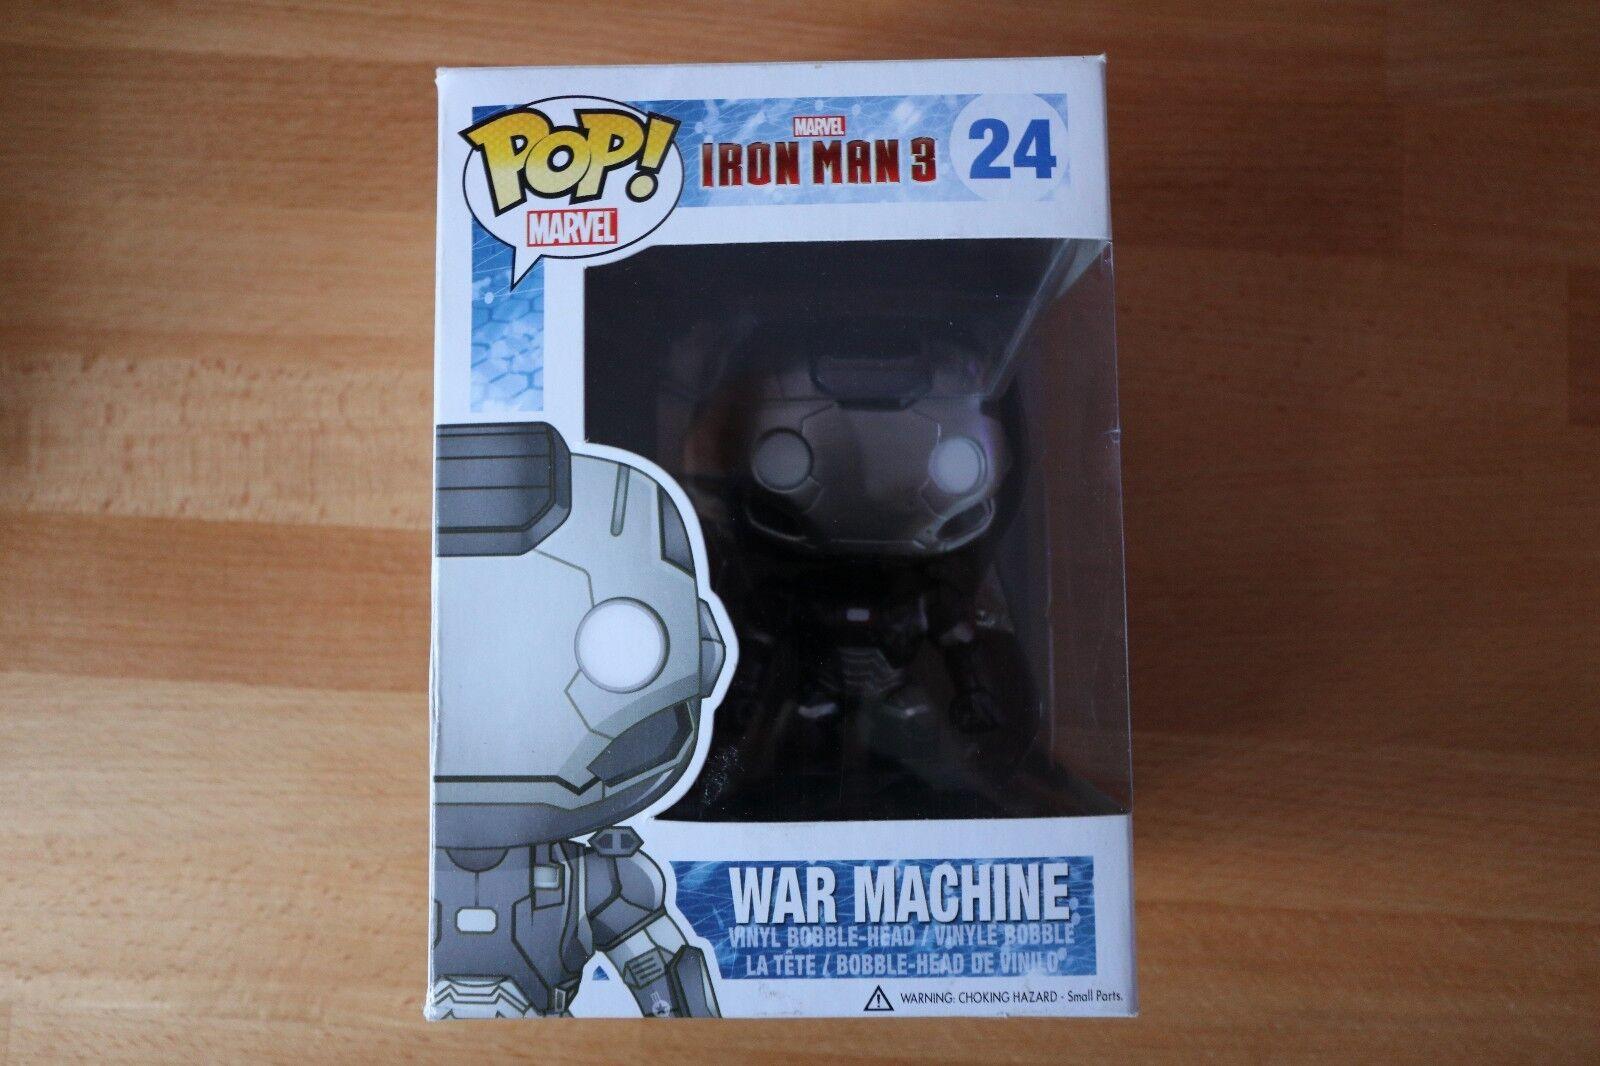 Rareza  Funko Pop Iron Man 3 máquina de guerra  24 (abovedado)